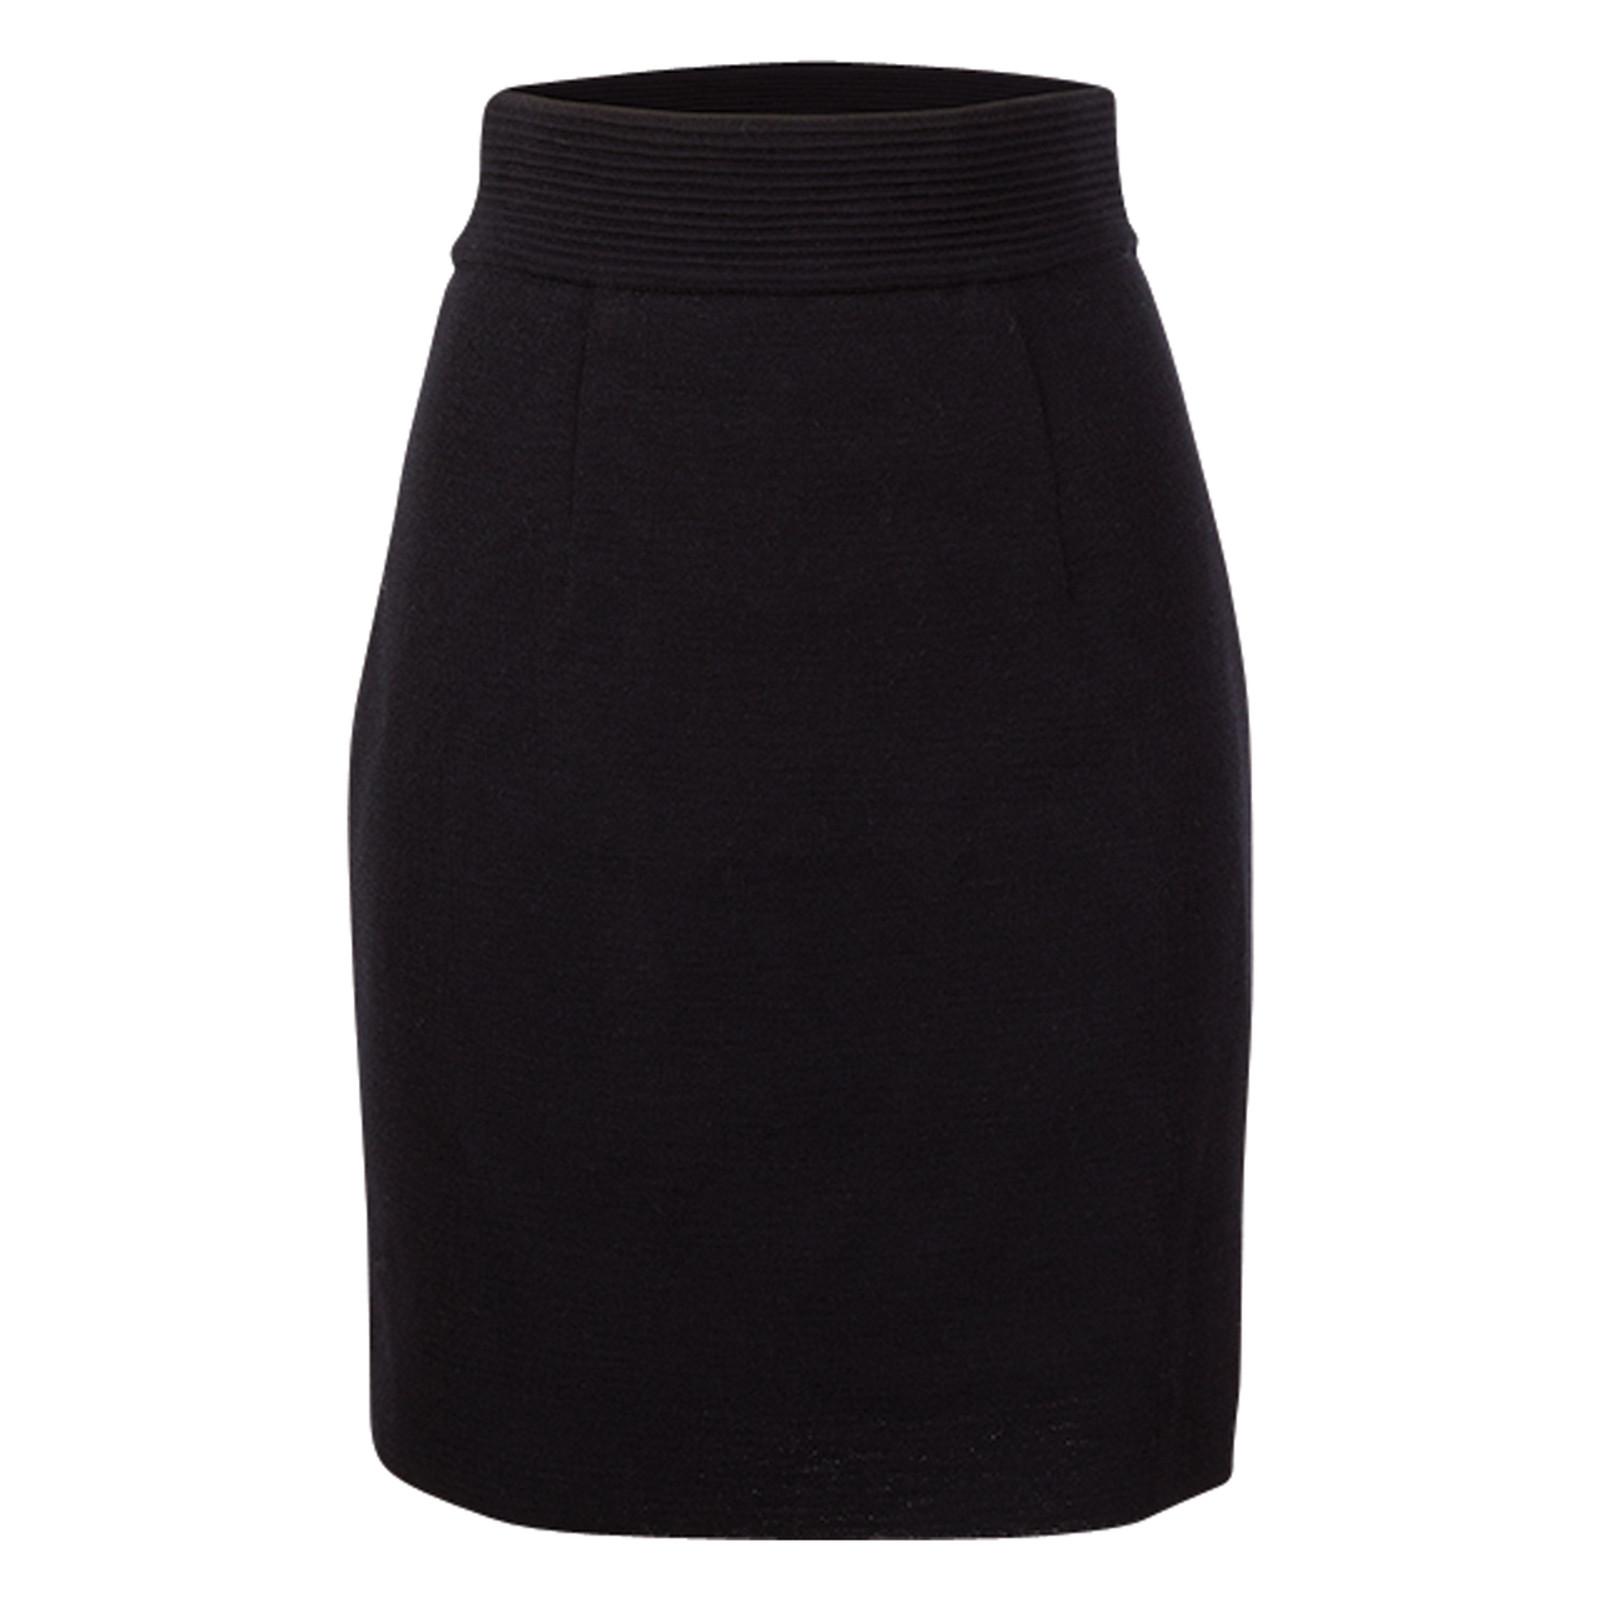 Dale of Norway Dale Skirt, Ladies - Black, 62001-F